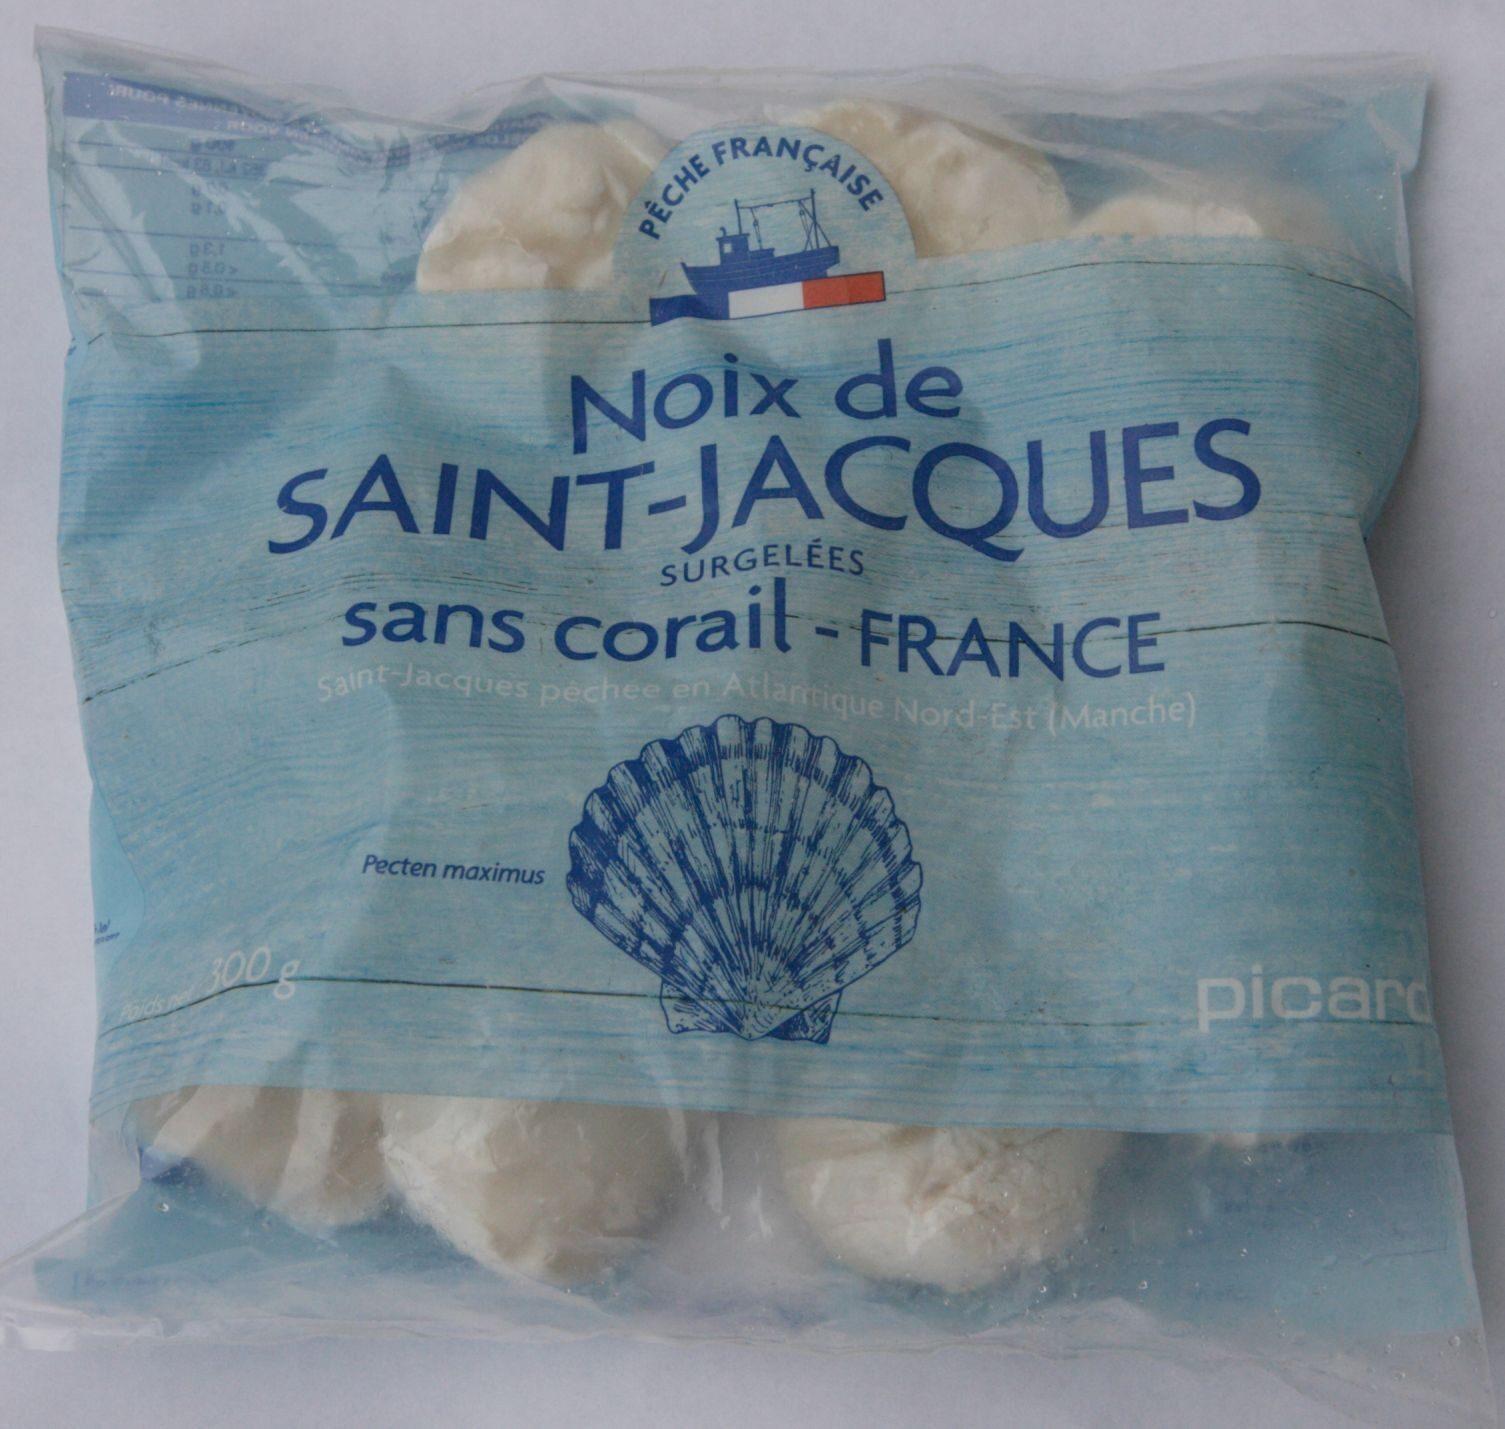 Noix de Saint-Jacques sans corail (France) - Produit - fr